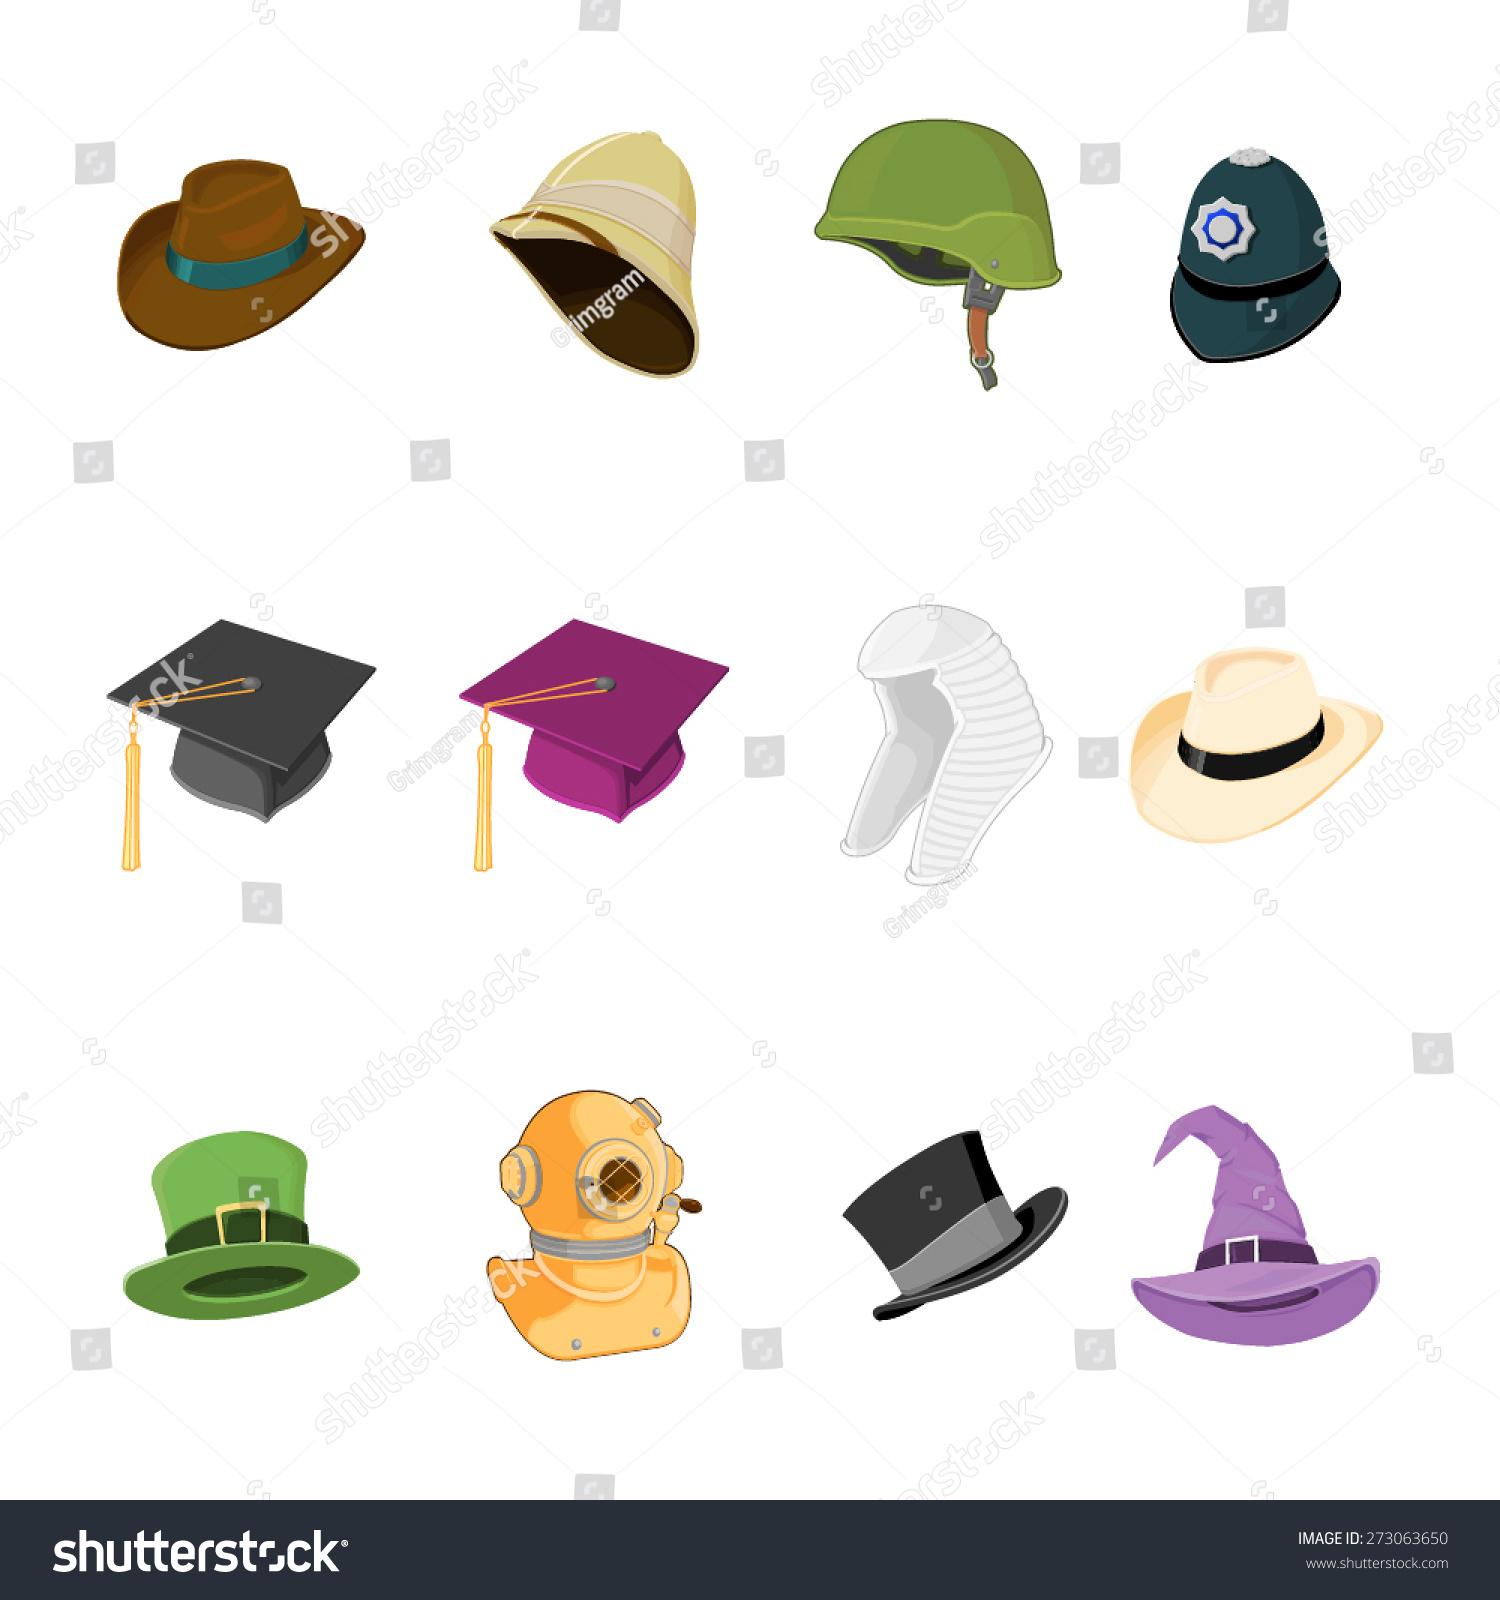 Worksheet Occupation Hats